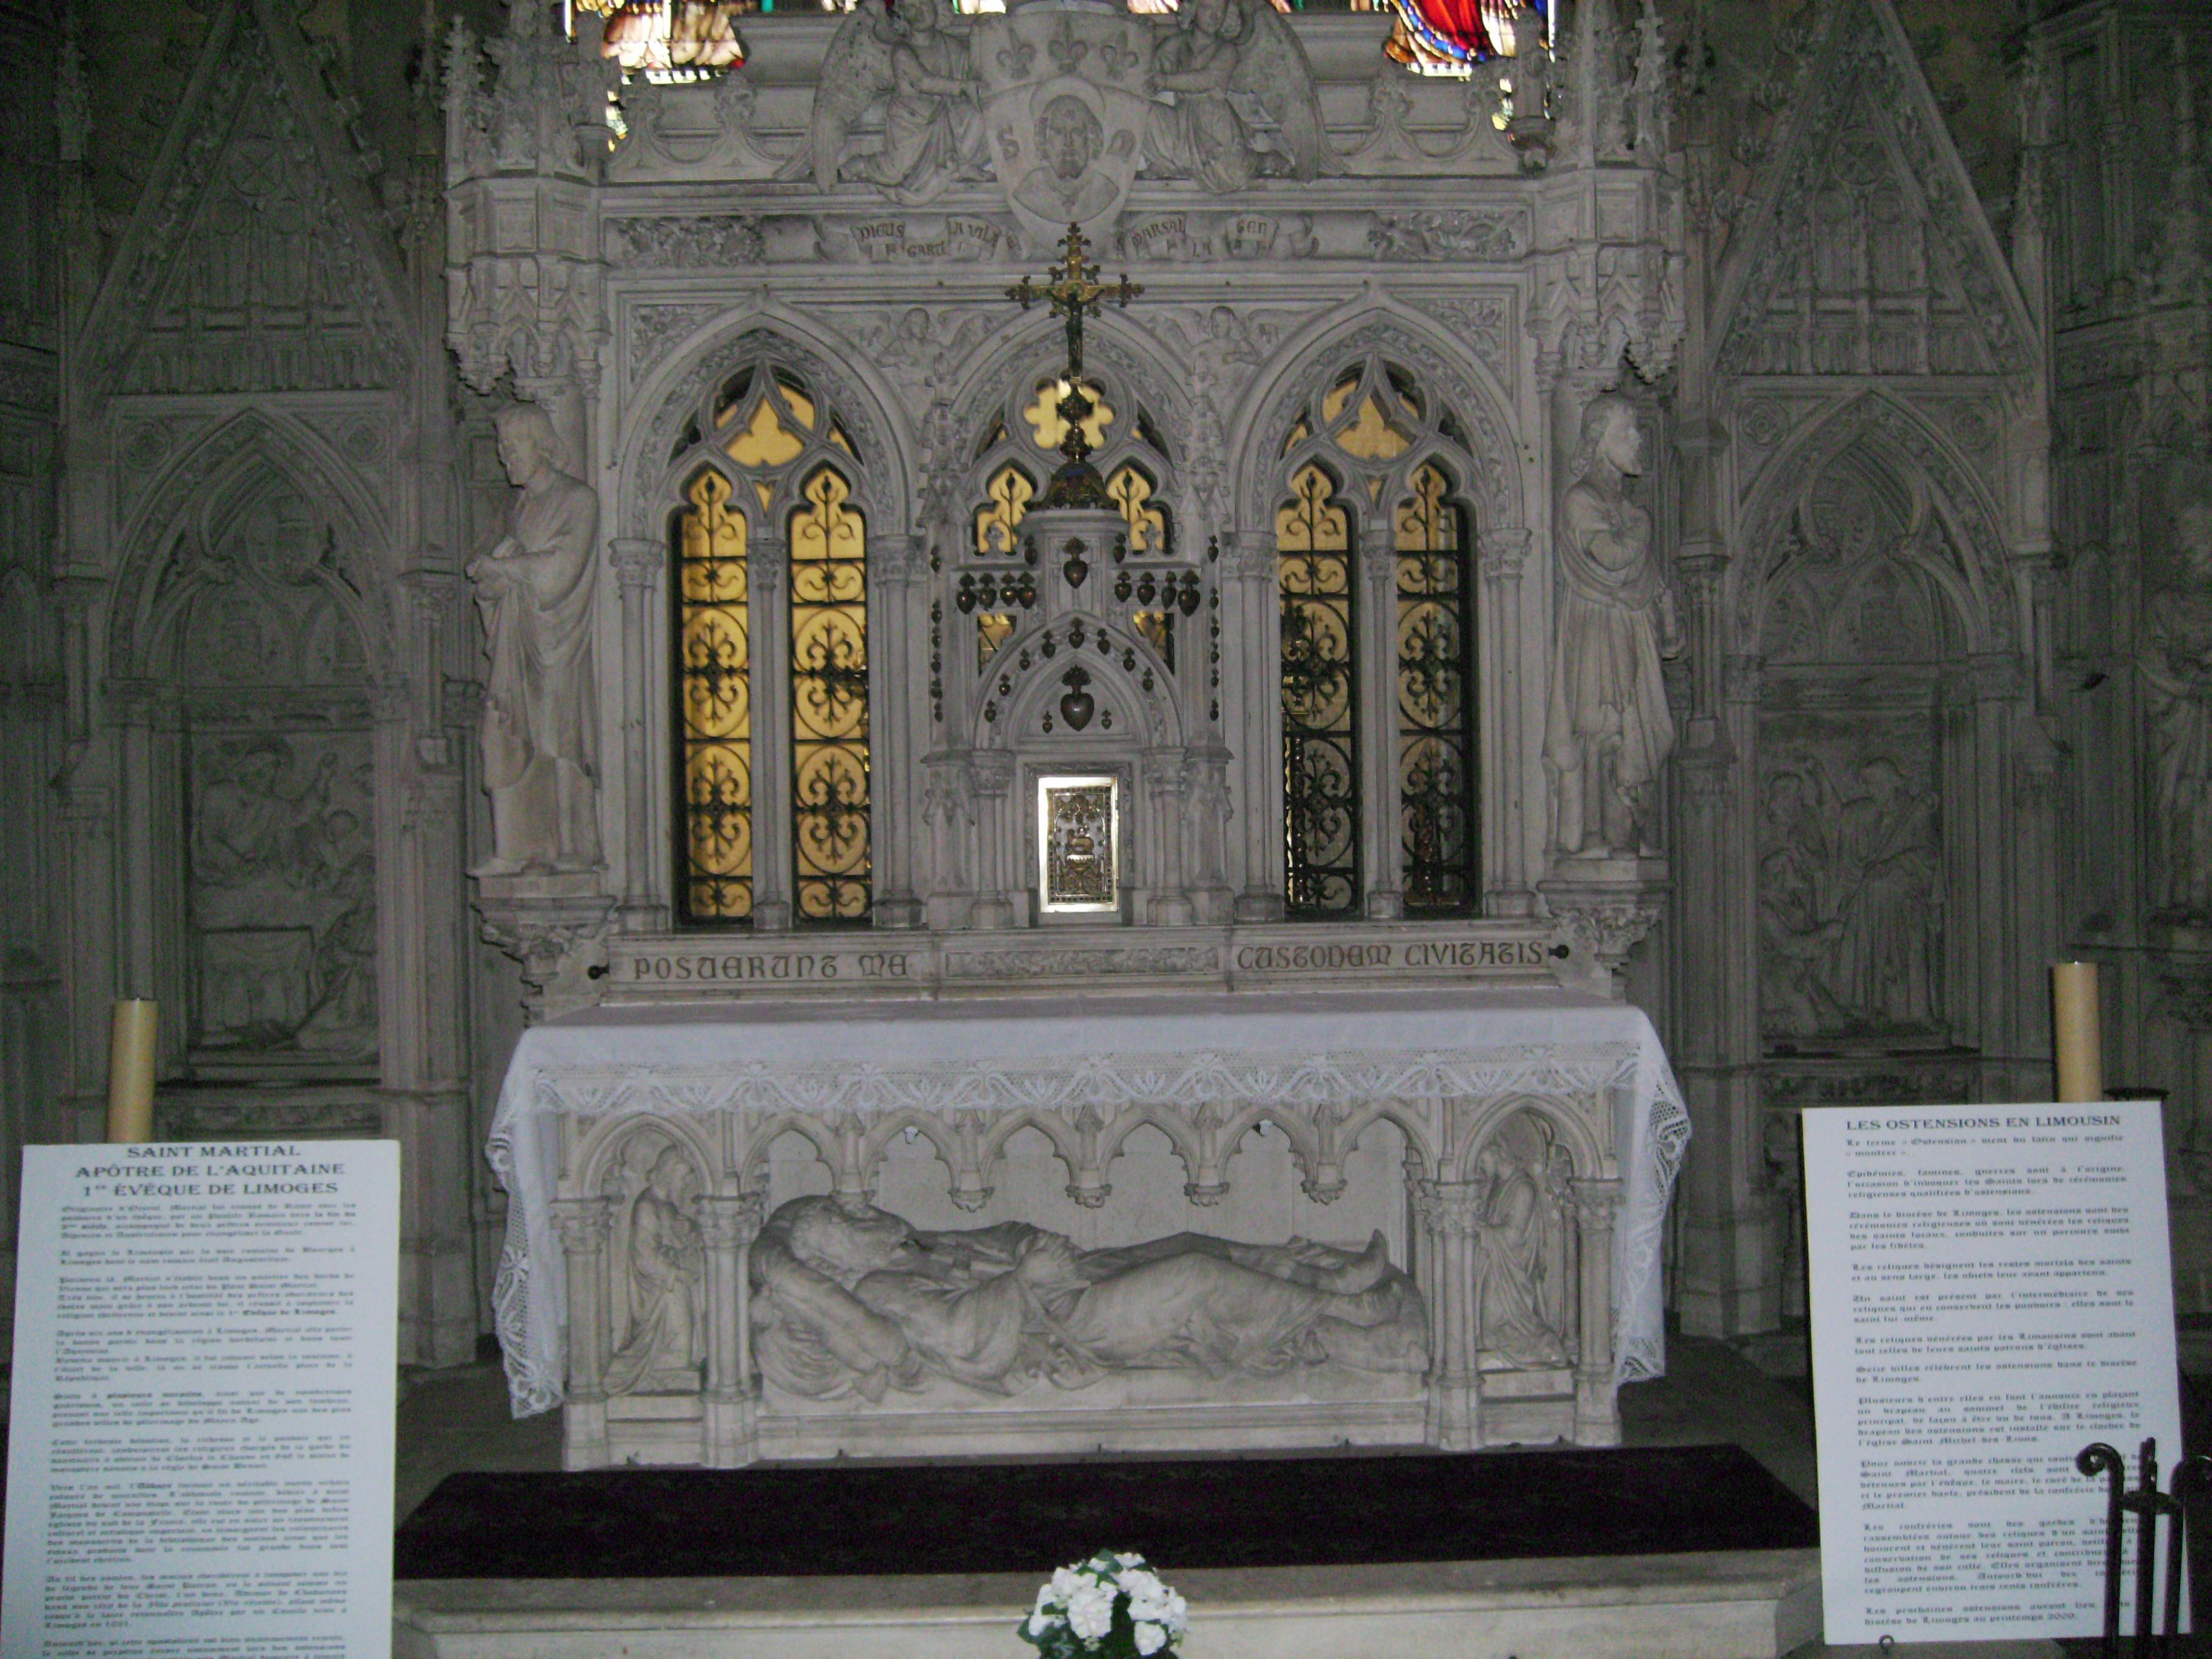 Martials skrin i kirken Saint-Michel-des-Lions i Limoges, hvor relikviene har vært oppbevart siden klosteret ble oppløst